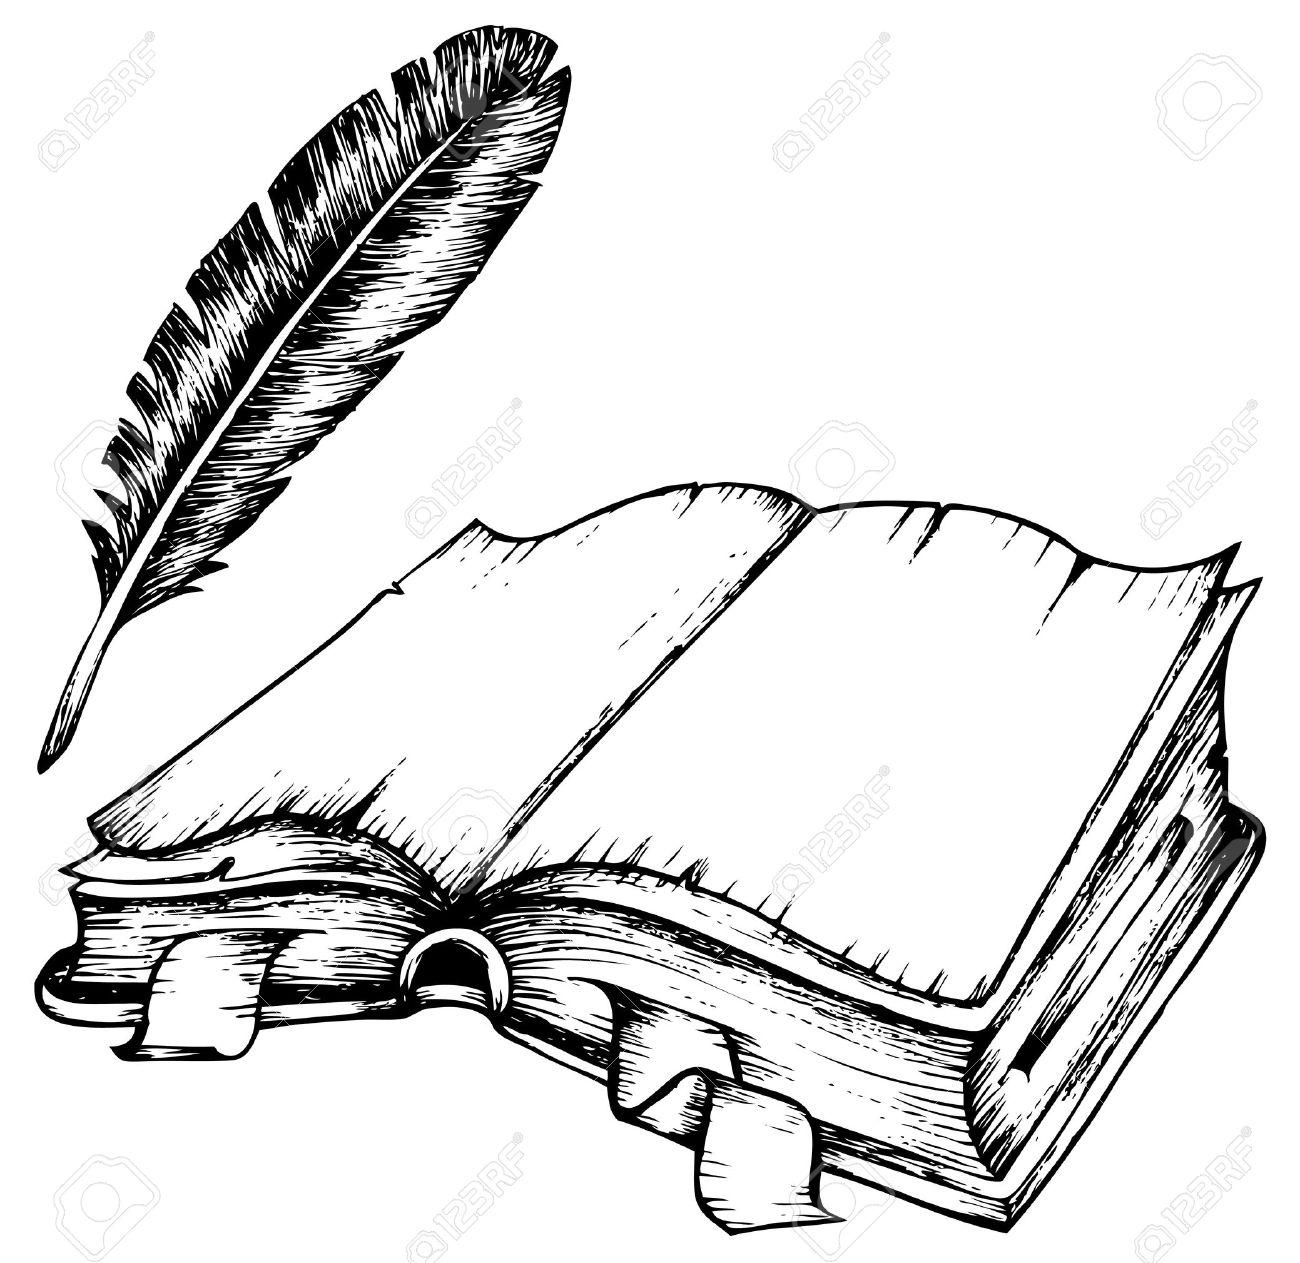 dibujo de libro abierto con la ilustracin de plumas foto de archivo 11505344